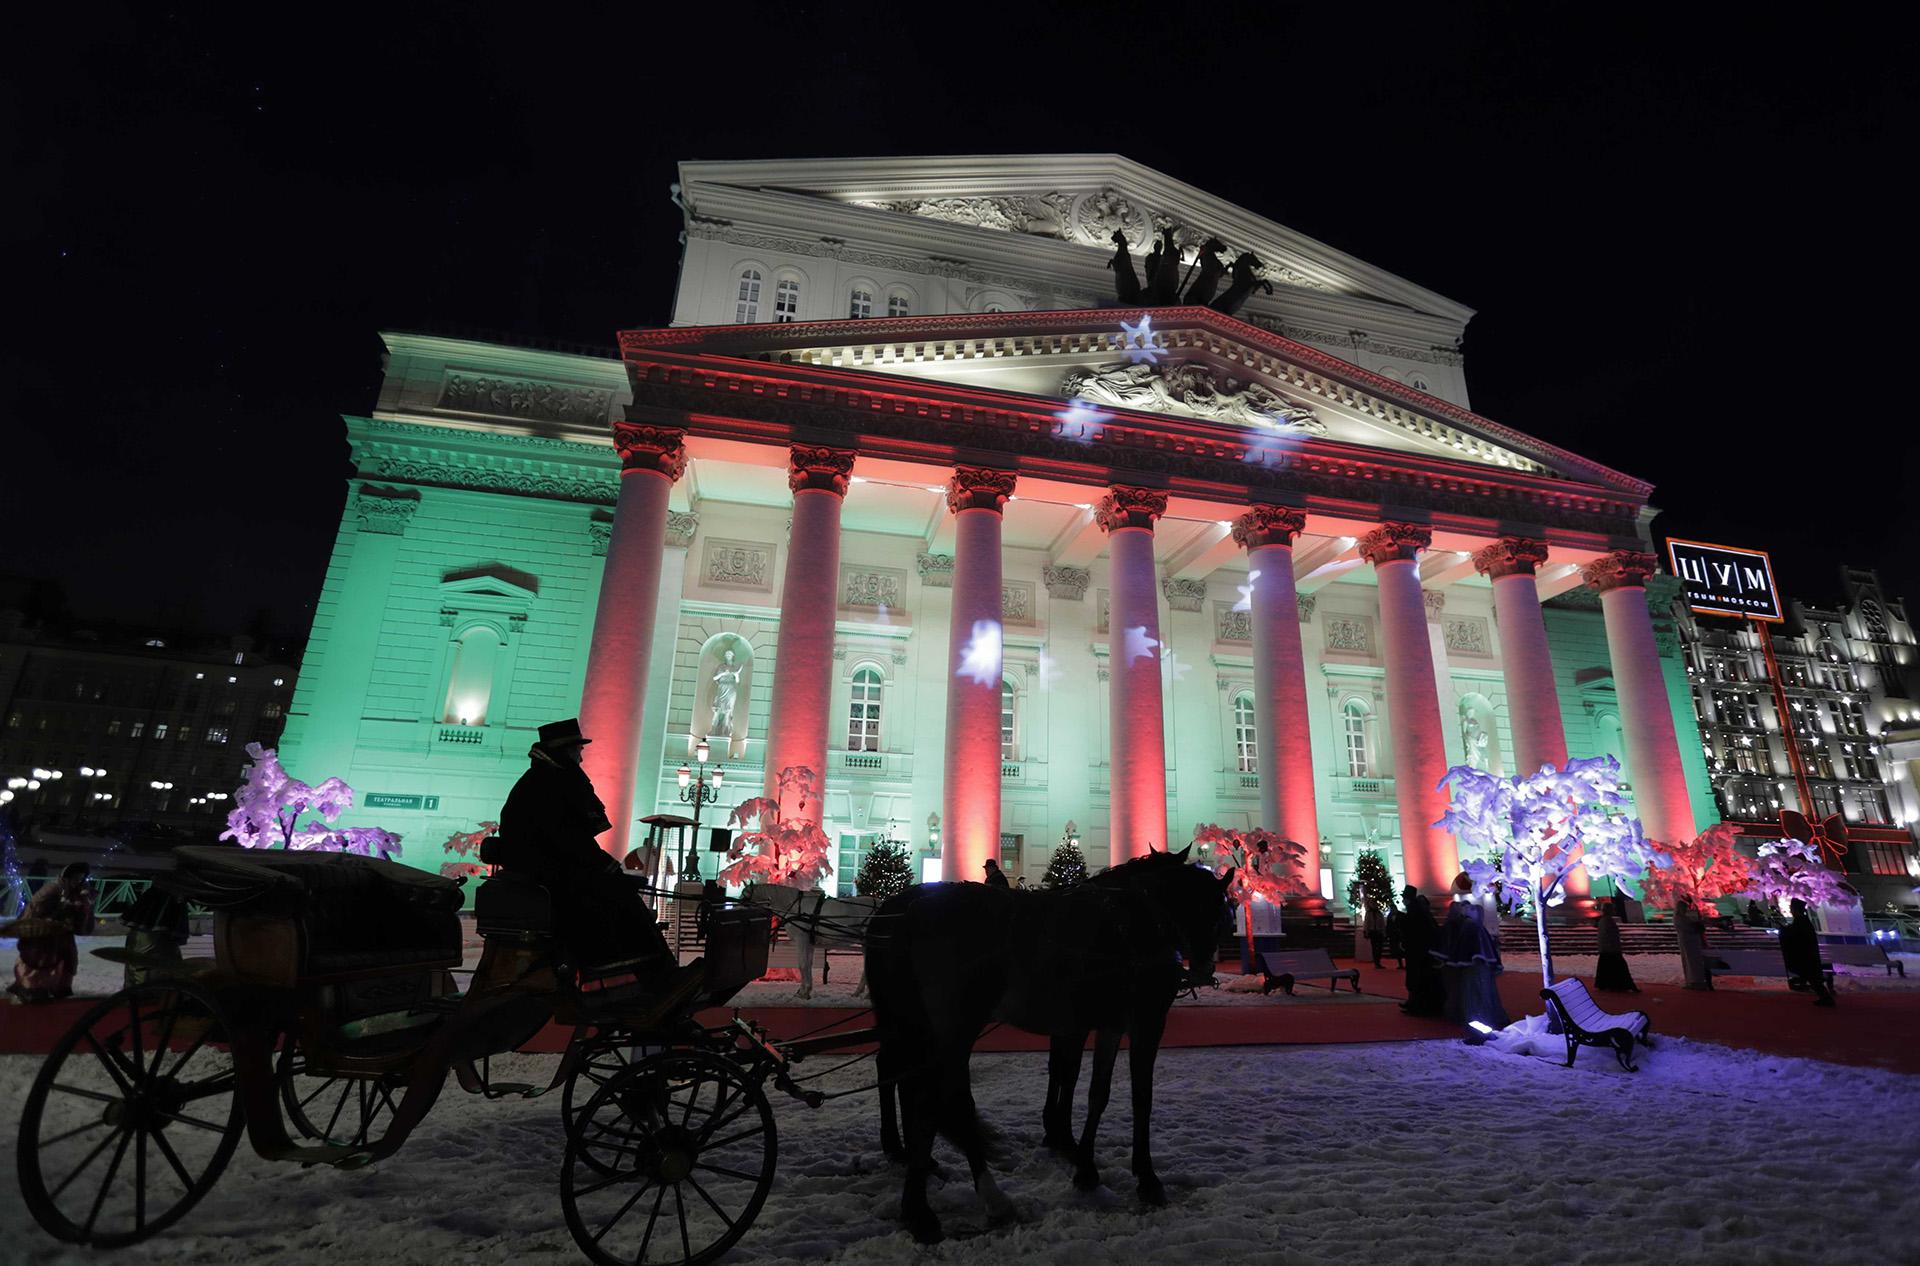 Los tradicionales festejos navideños en frente del Teatro Bolshoi de Moscú en Rusia (REUTERS/Tatyana Makeyeva)